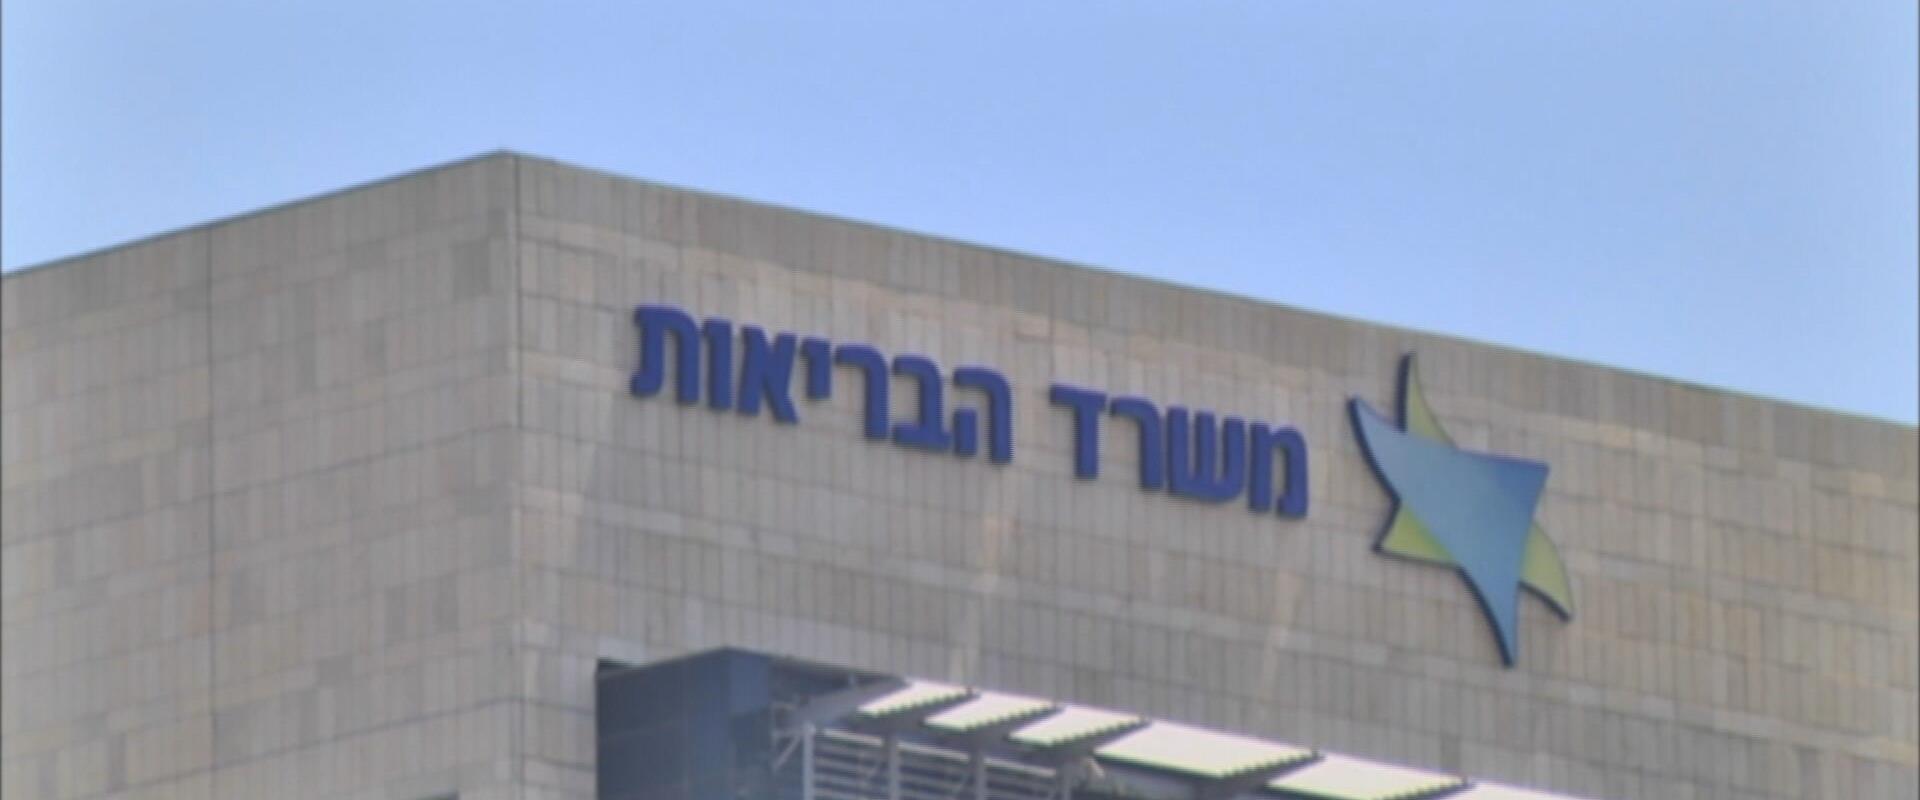 בניין משרד הבריאות, ירושלים